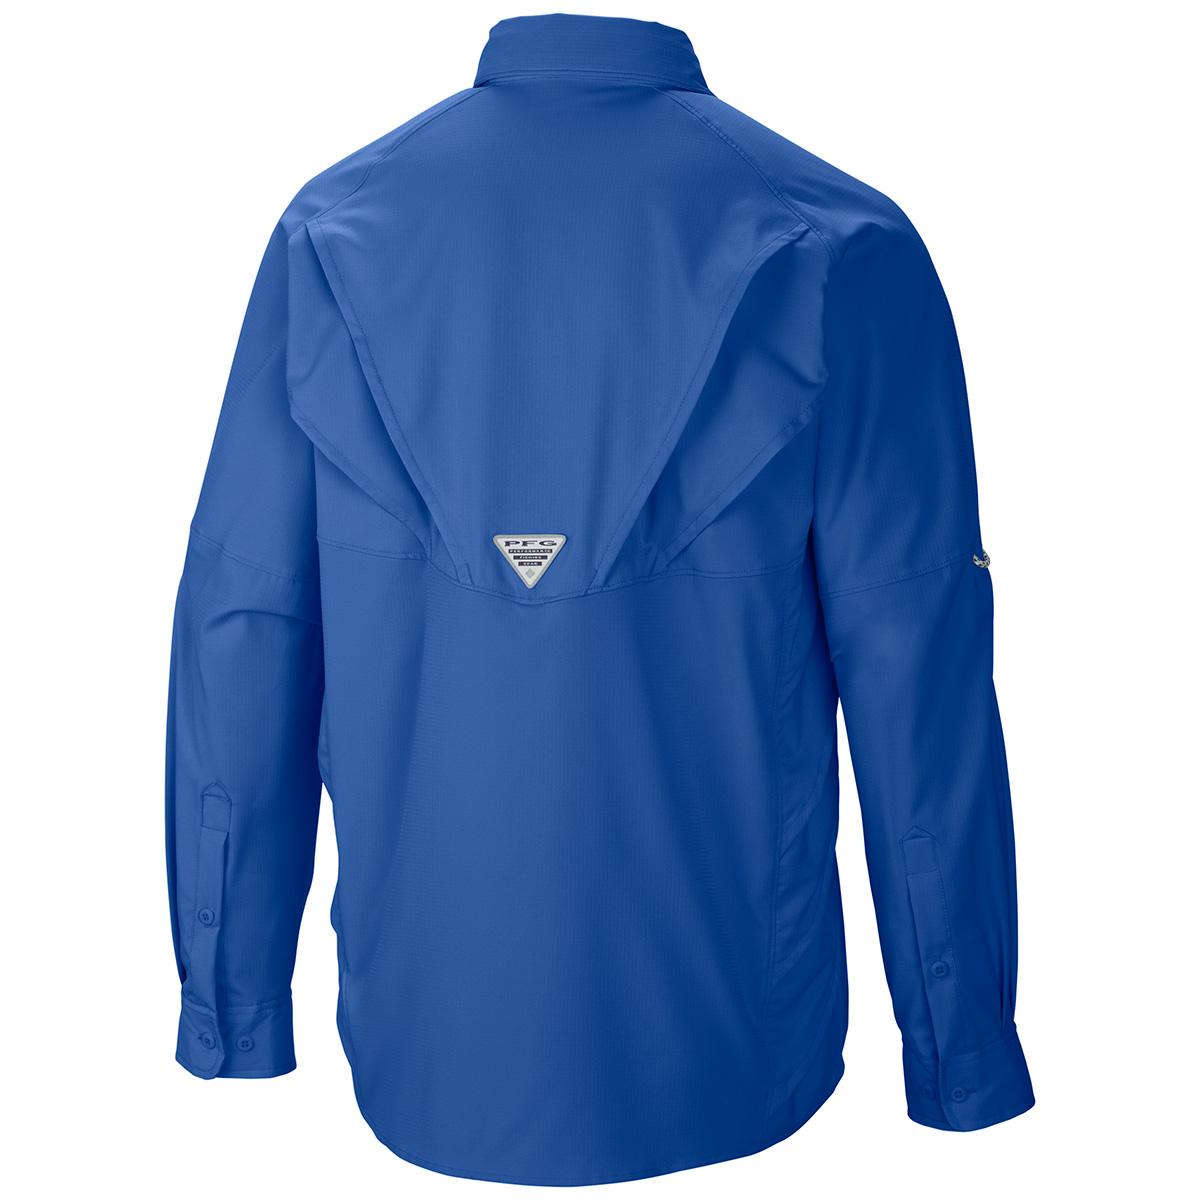 Columbia airgill lite ii ls shirt fishing shirts taimen for Two fish apparel